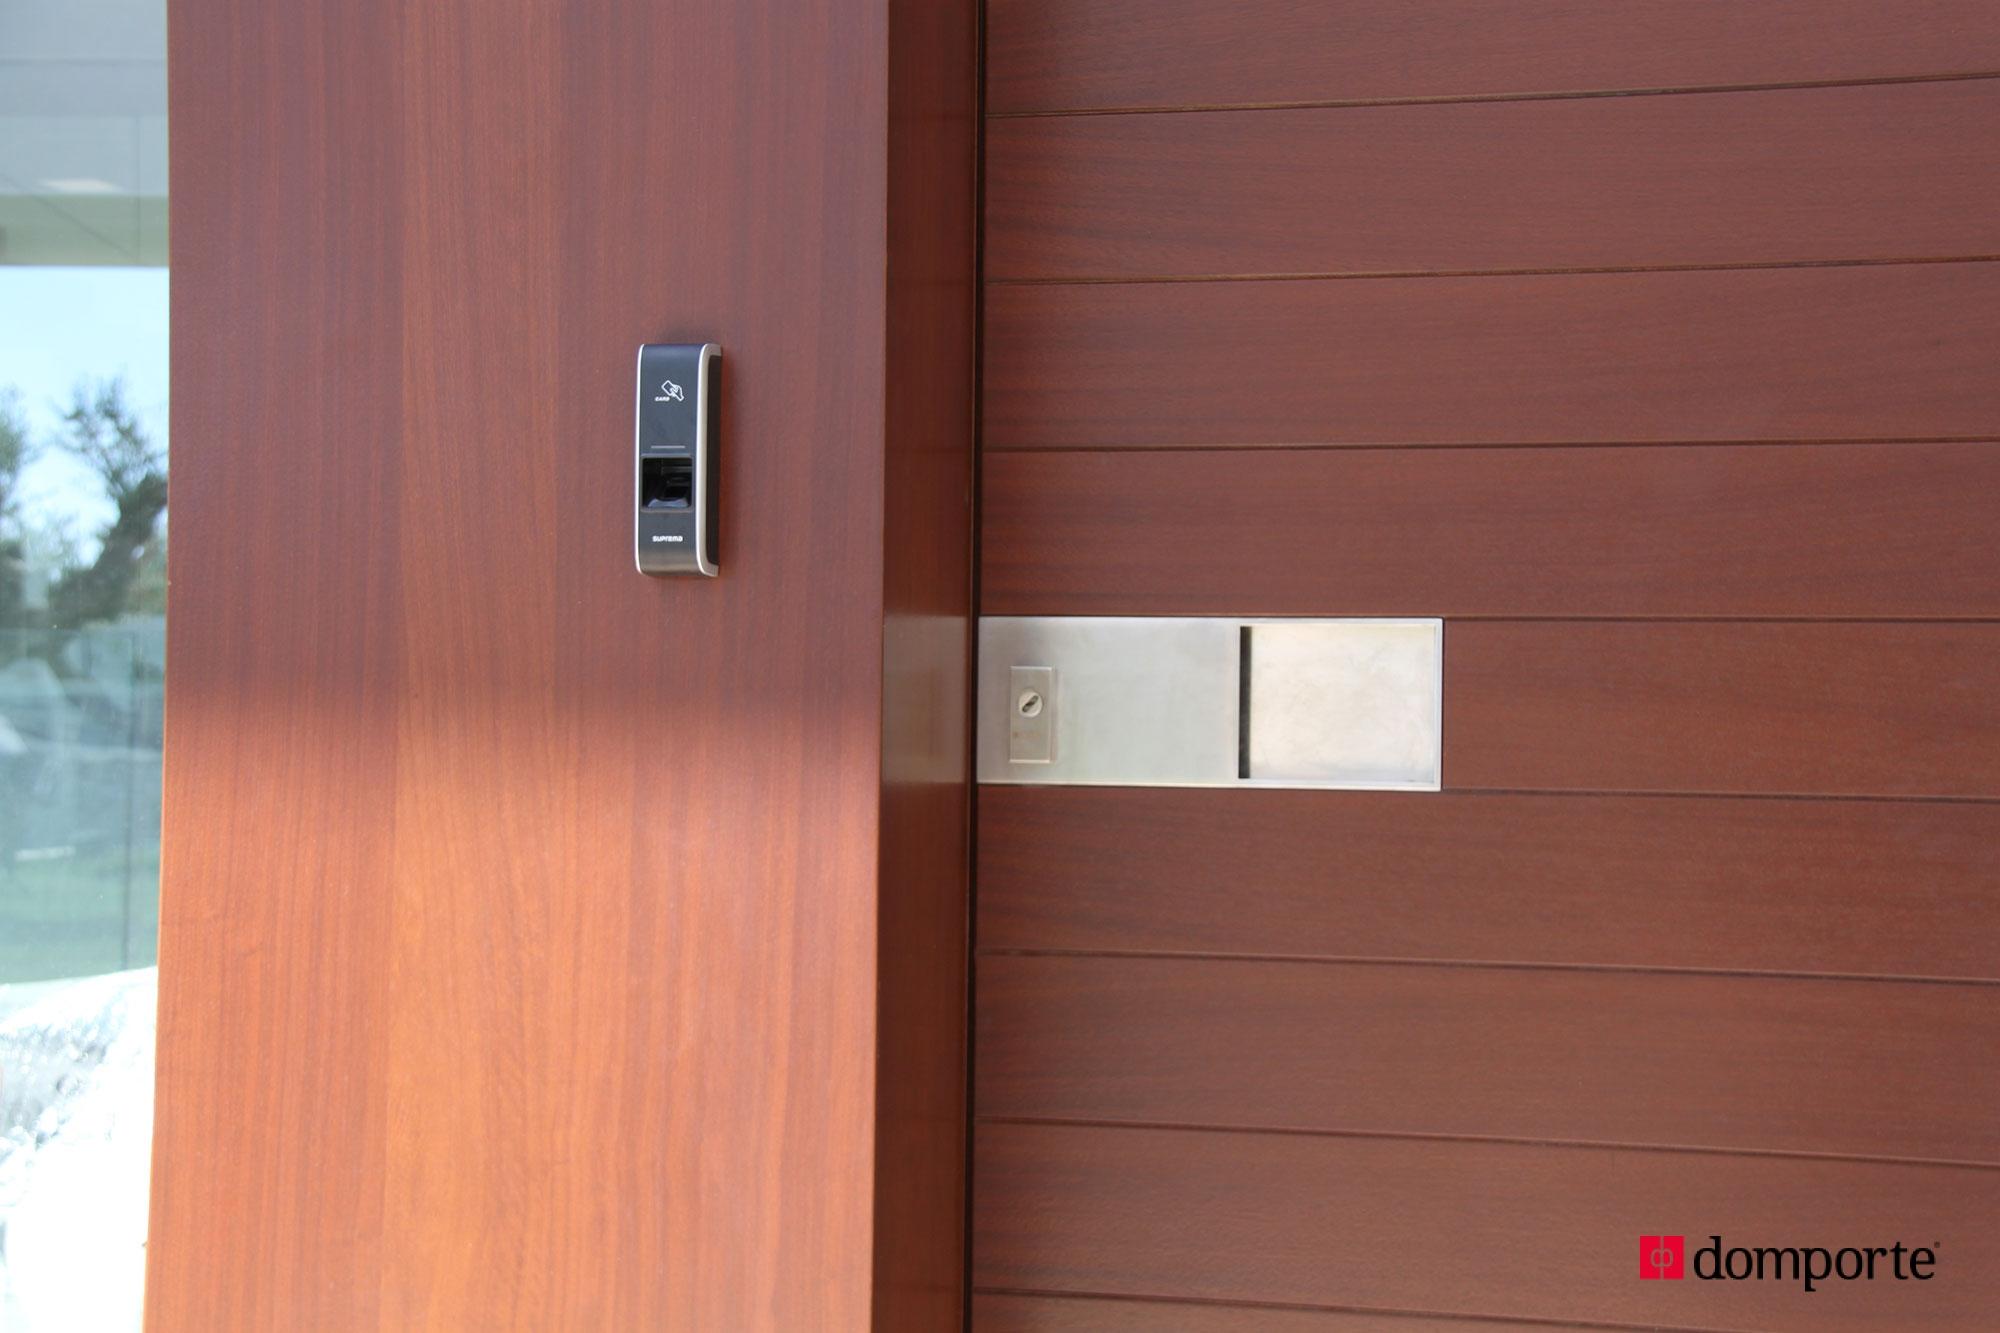 poser une porte de service good comment poser une porte d entr e leroy merlin porte entree. Black Bedroom Furniture Sets. Home Design Ideas